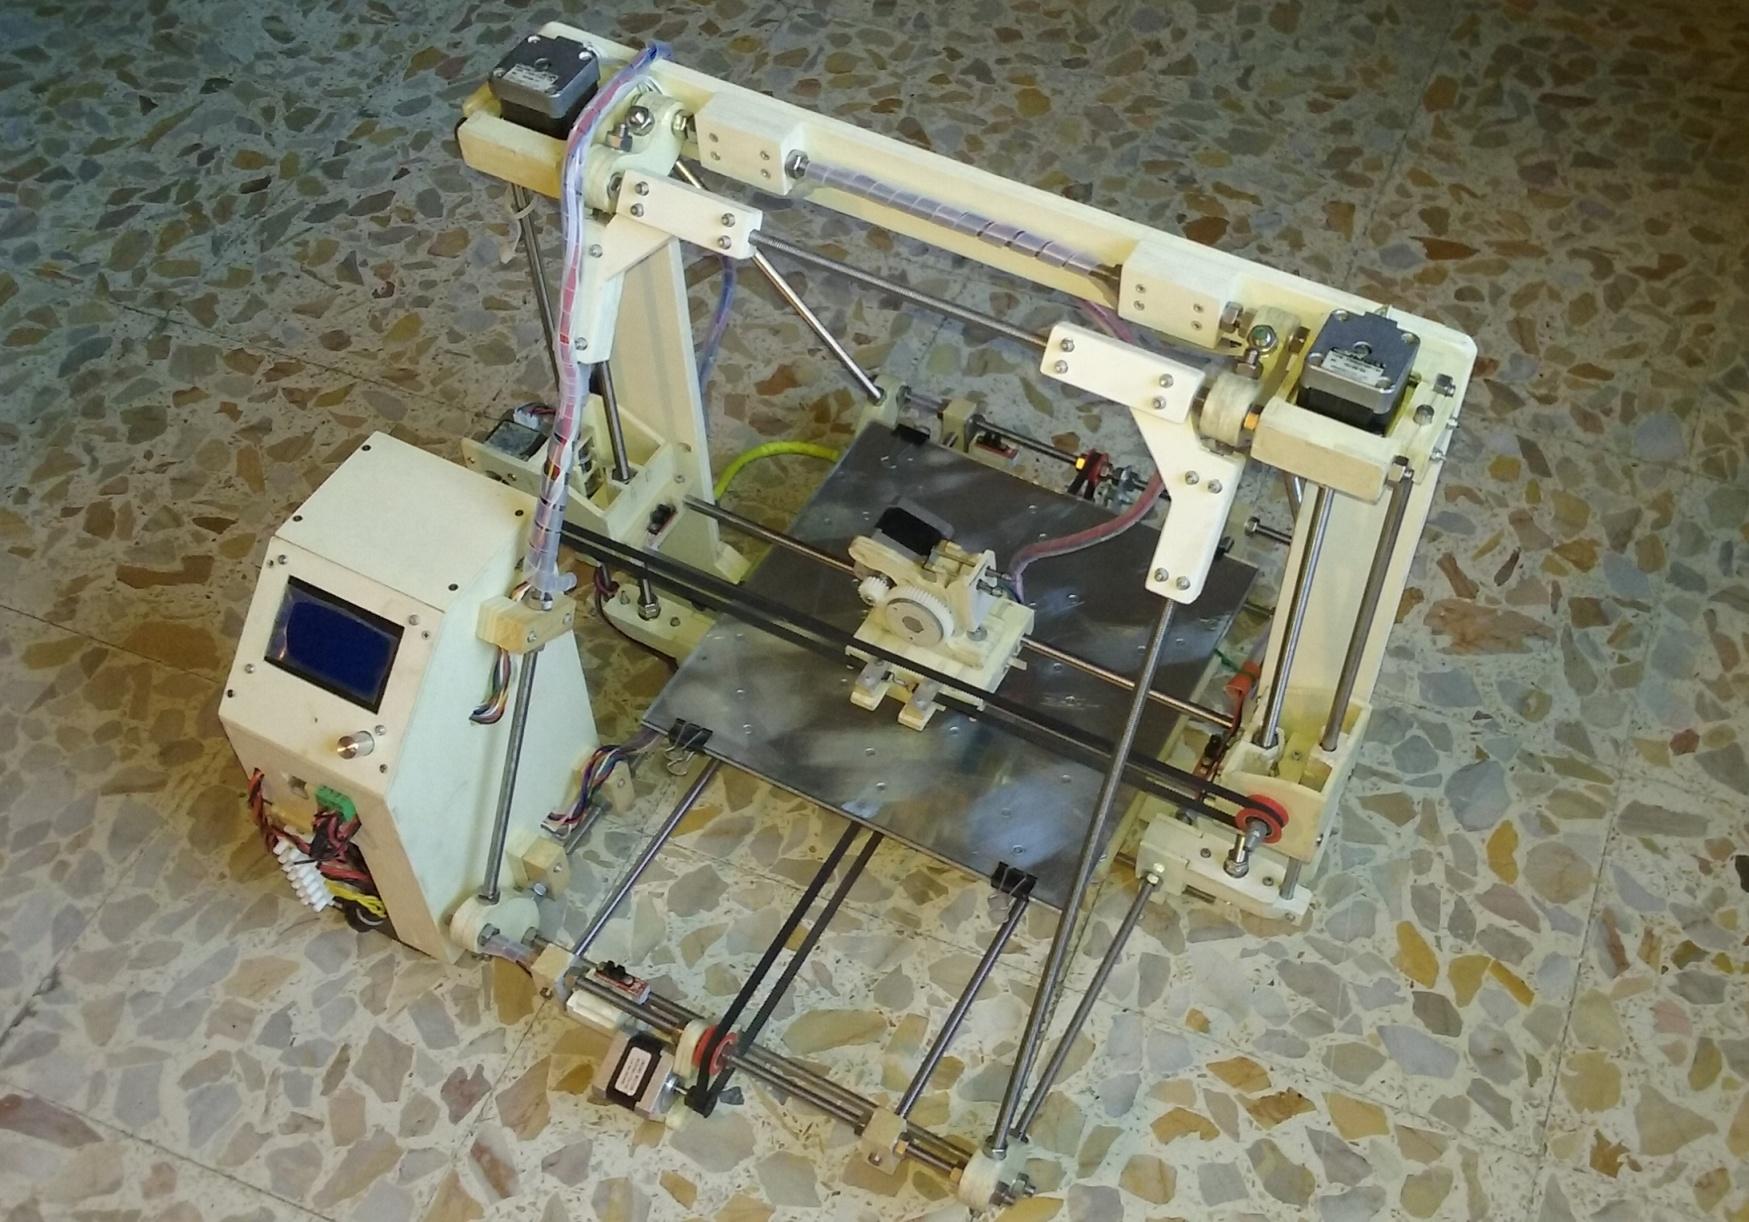 http://www.energialternativa.info/public/newforum/ForumEA/S/stampante-3D.jpg